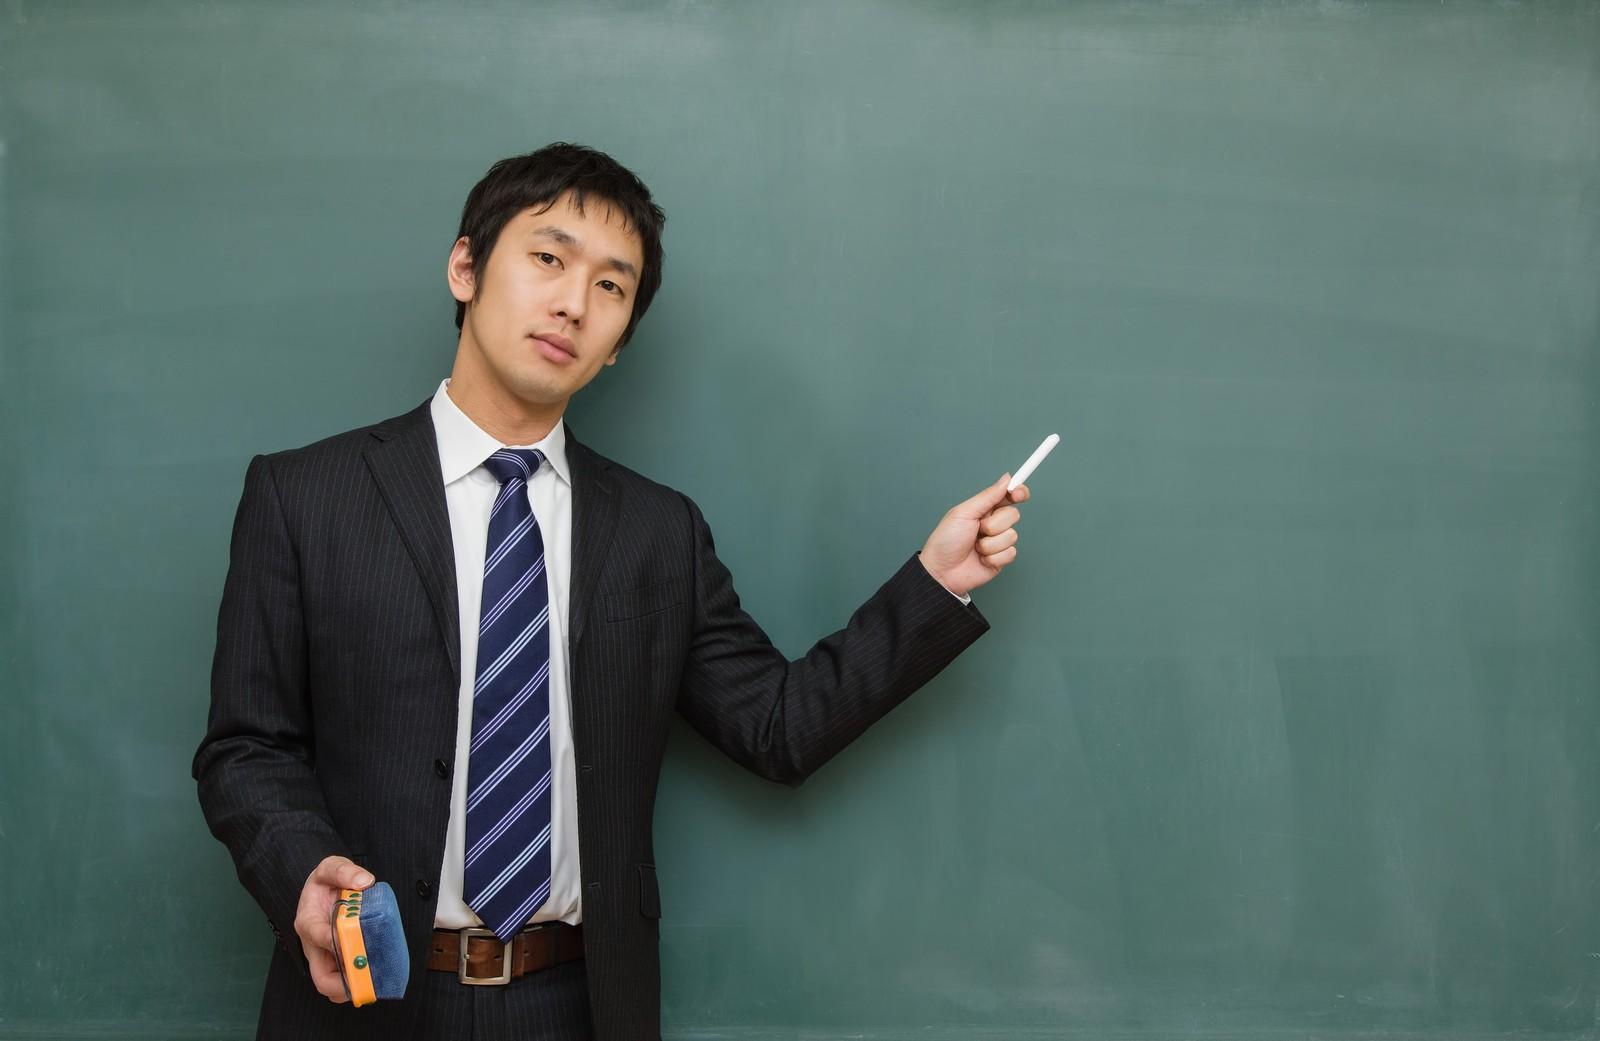 黒板を使って説明をする若い先生